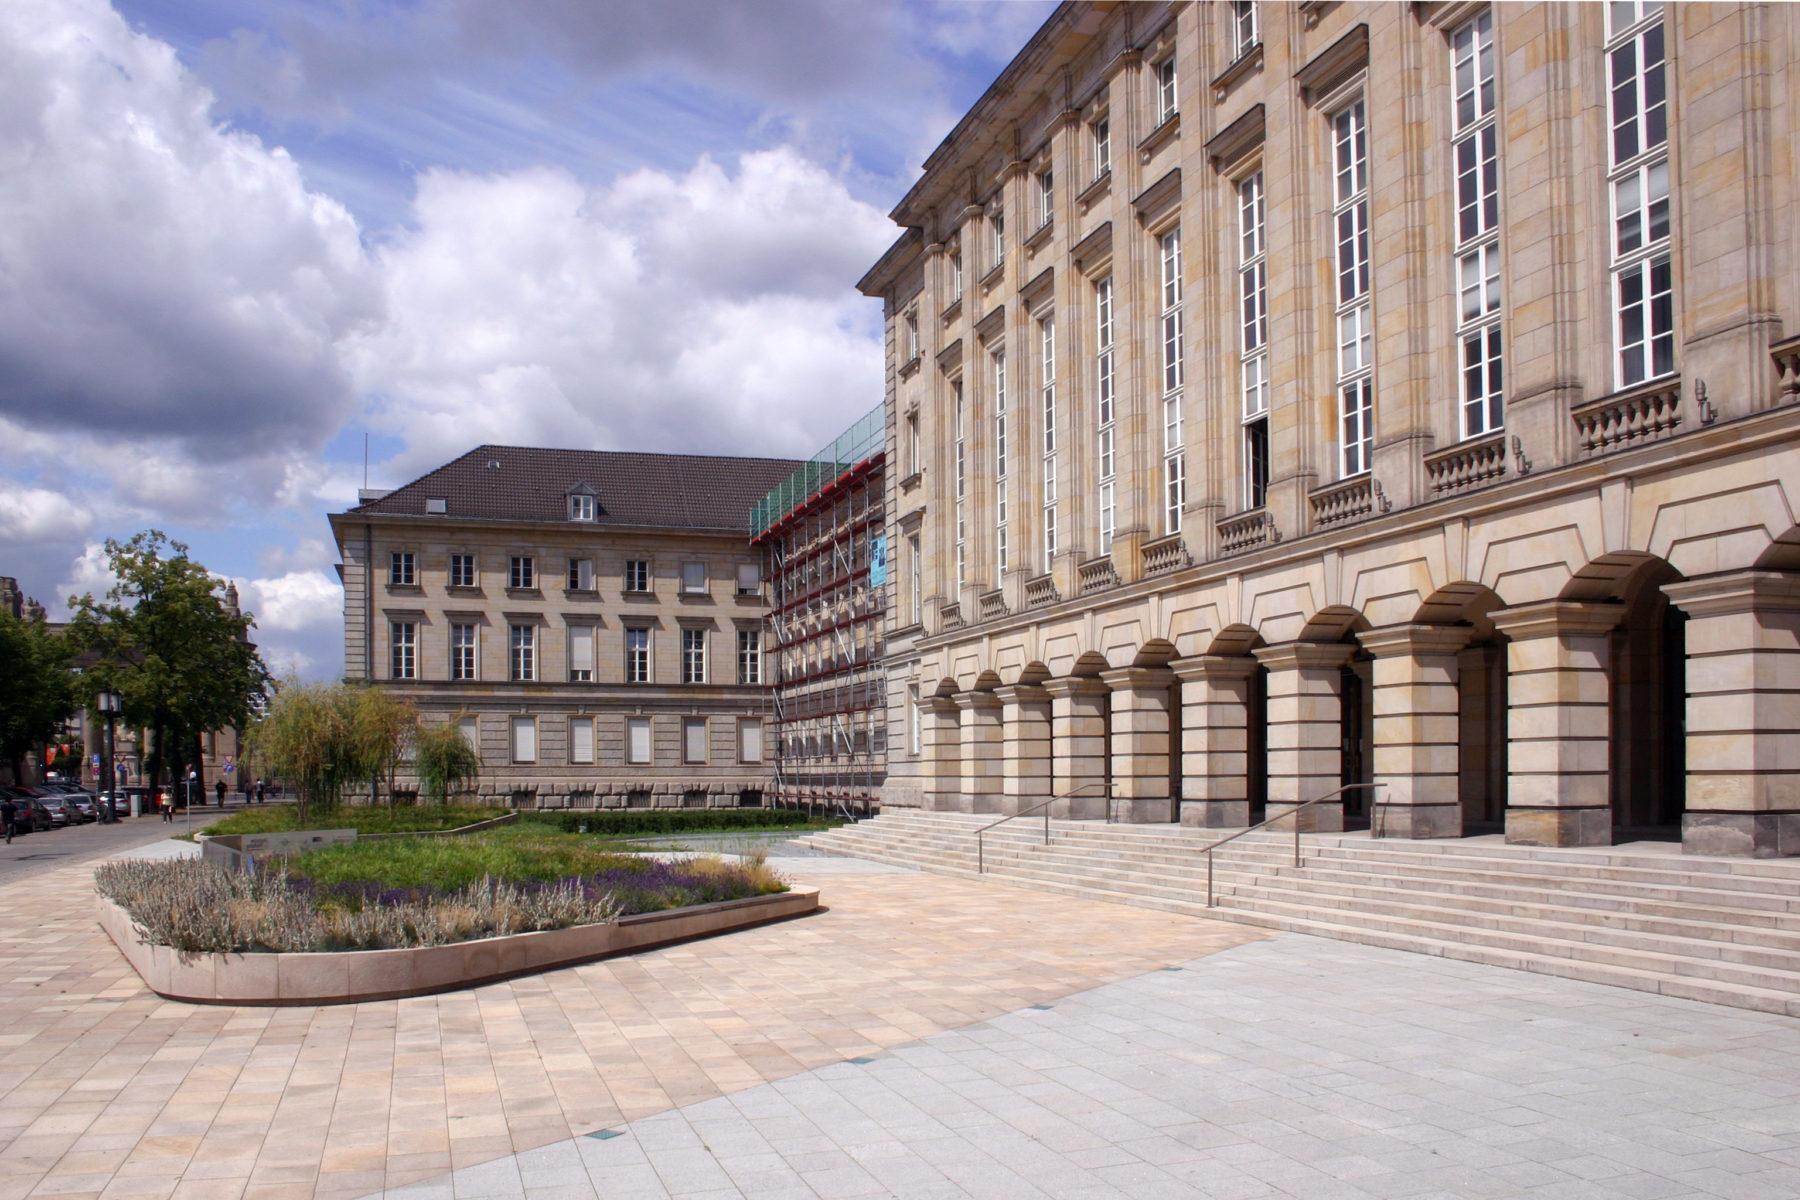 STrauma Landschaftsarchitektur Berlin landscape architects Ernst Reuter Haus Eingang